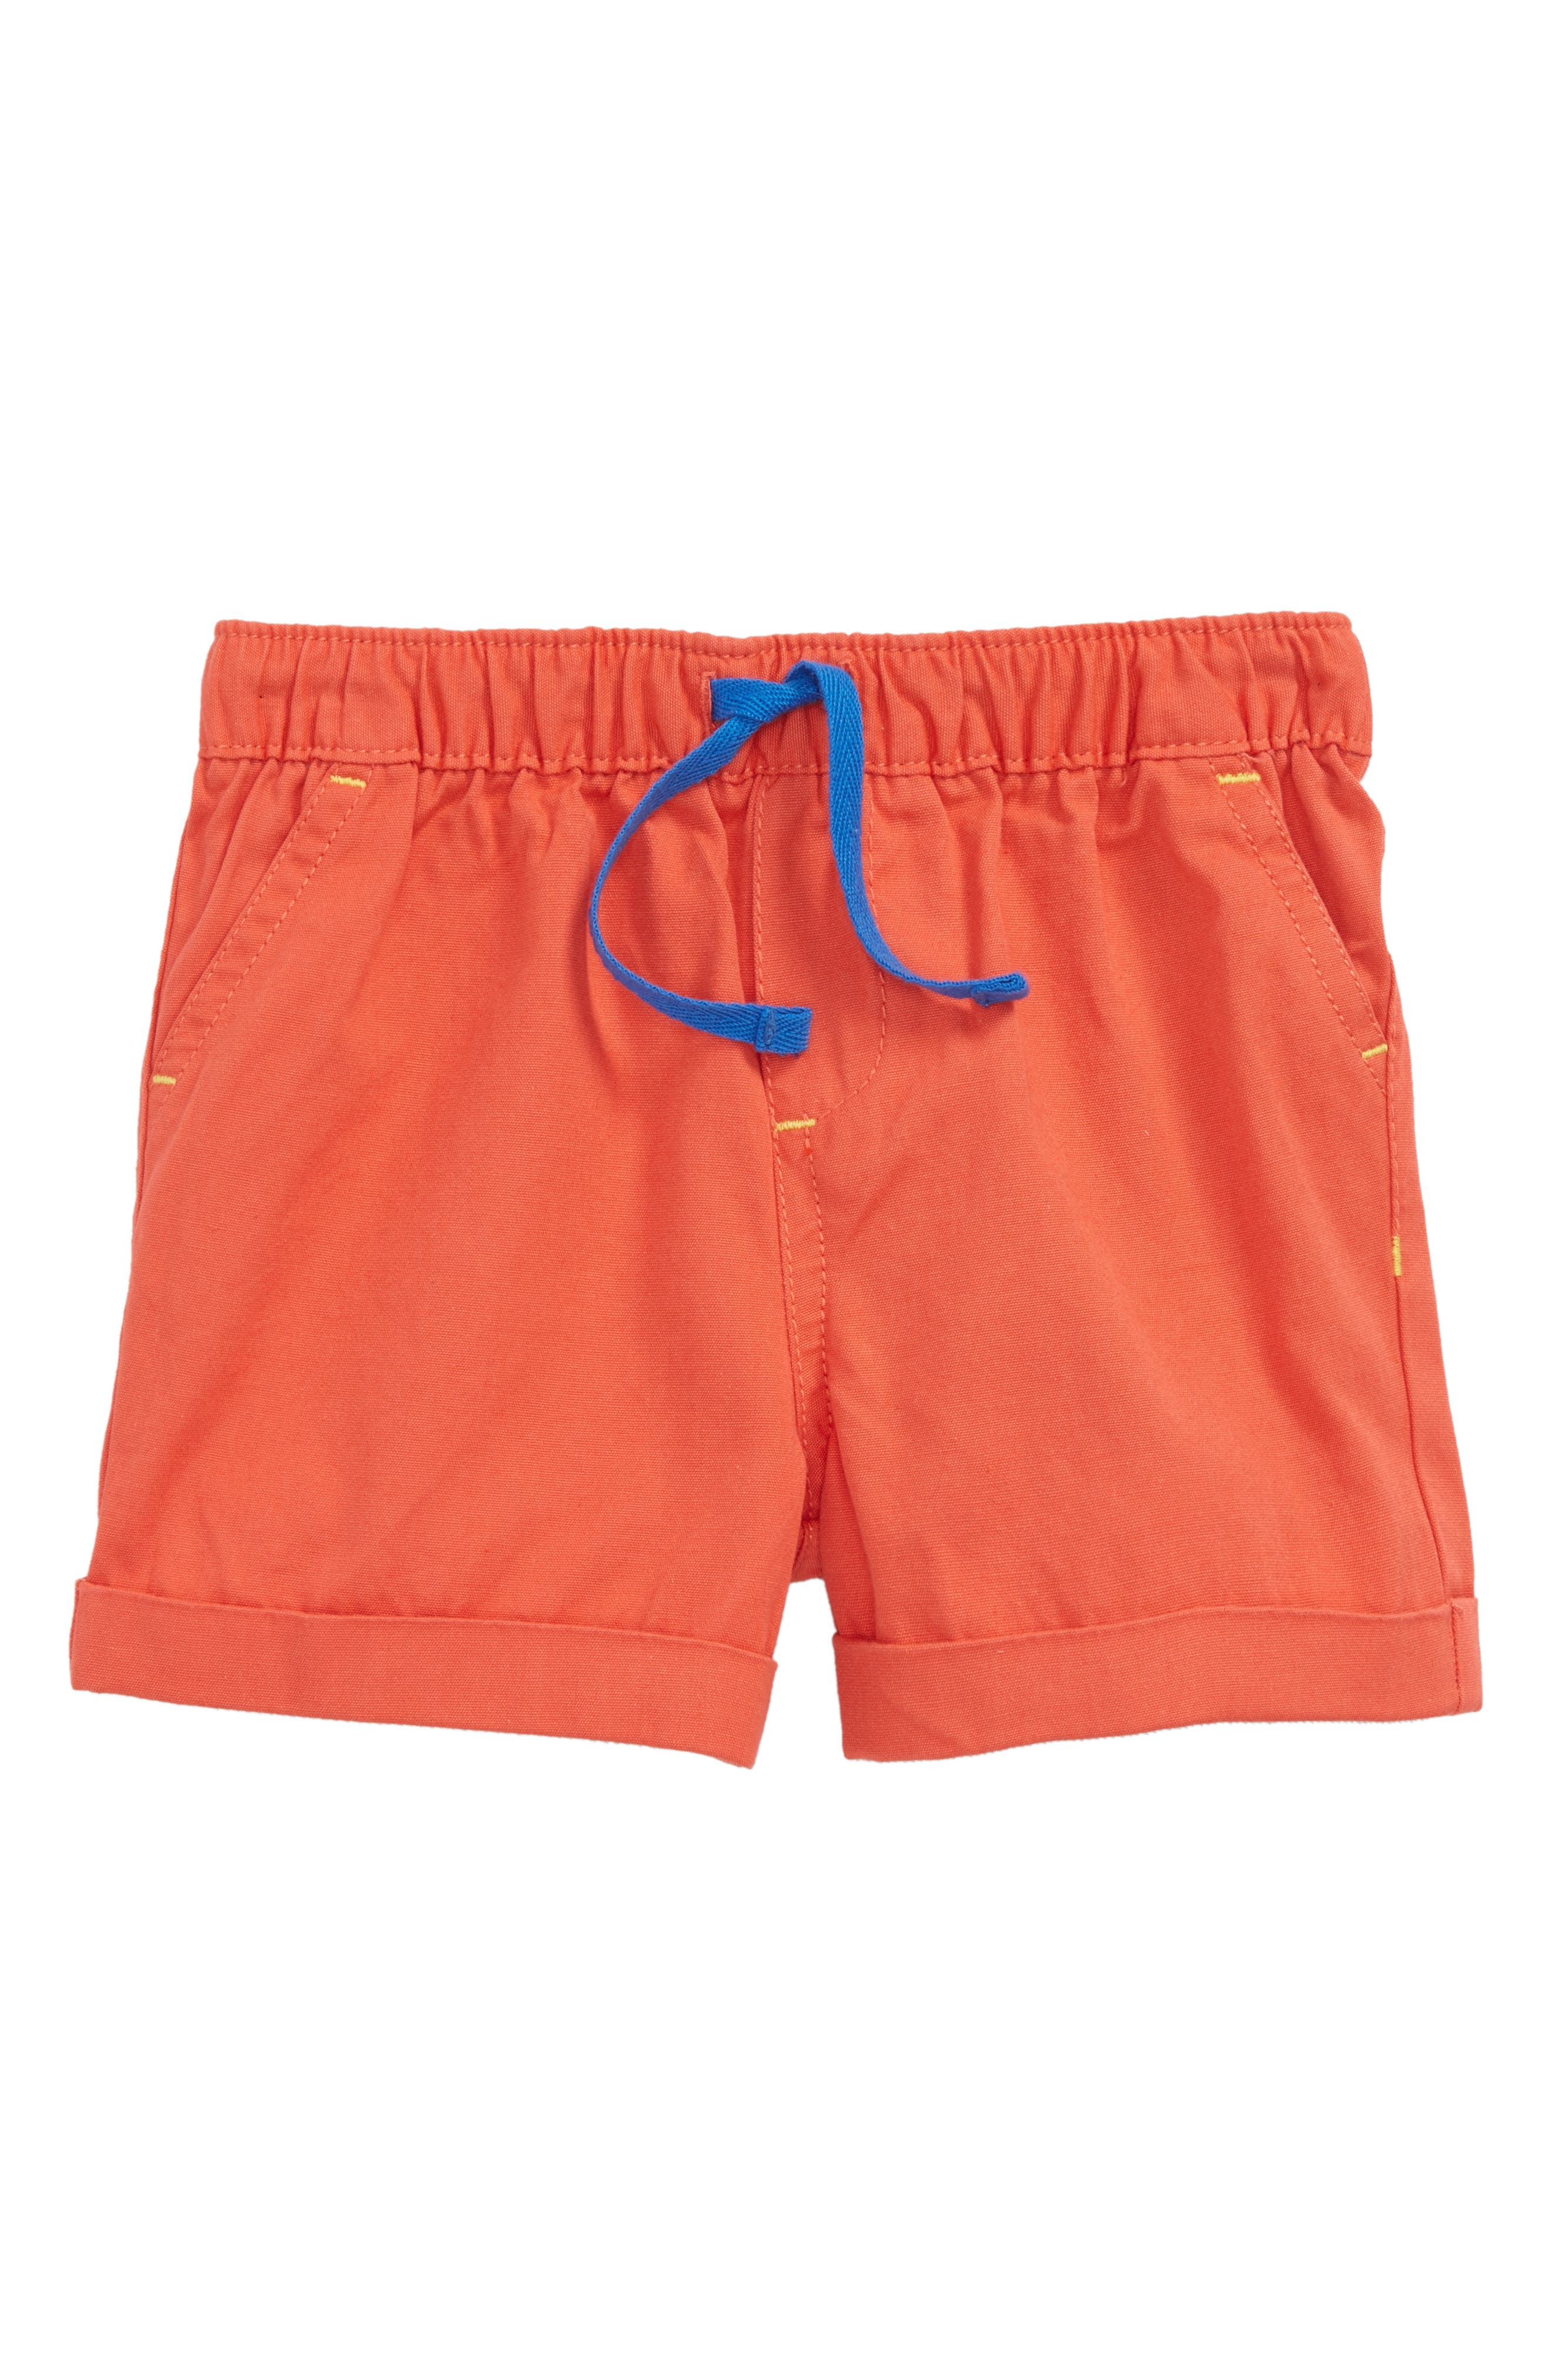 Explorer Shorts,                             Main thumbnail 1, color,                             Red Crayon